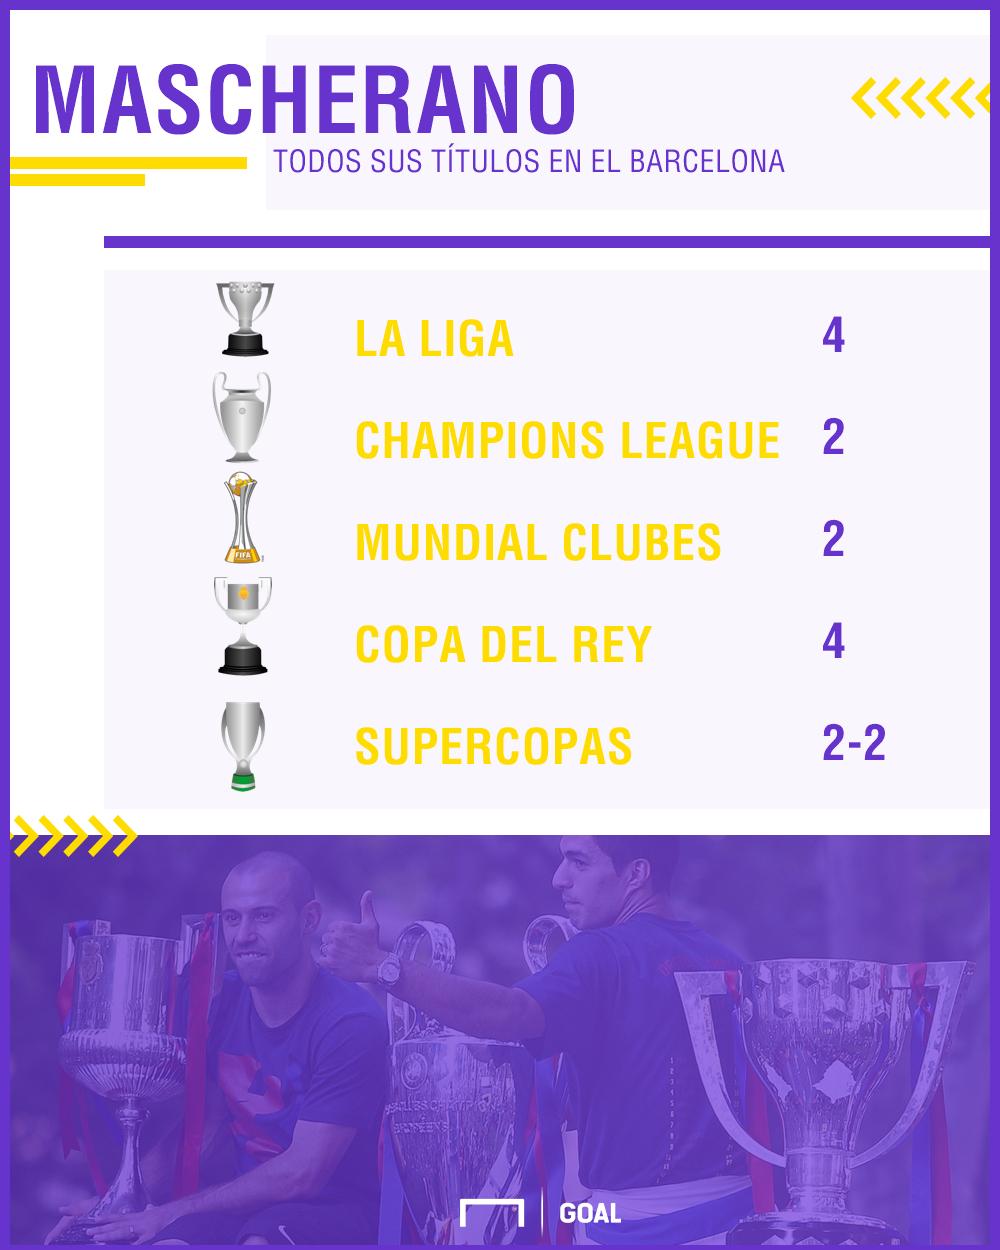 Las 14 razones del Barcelona para no olvidar a Mascherano